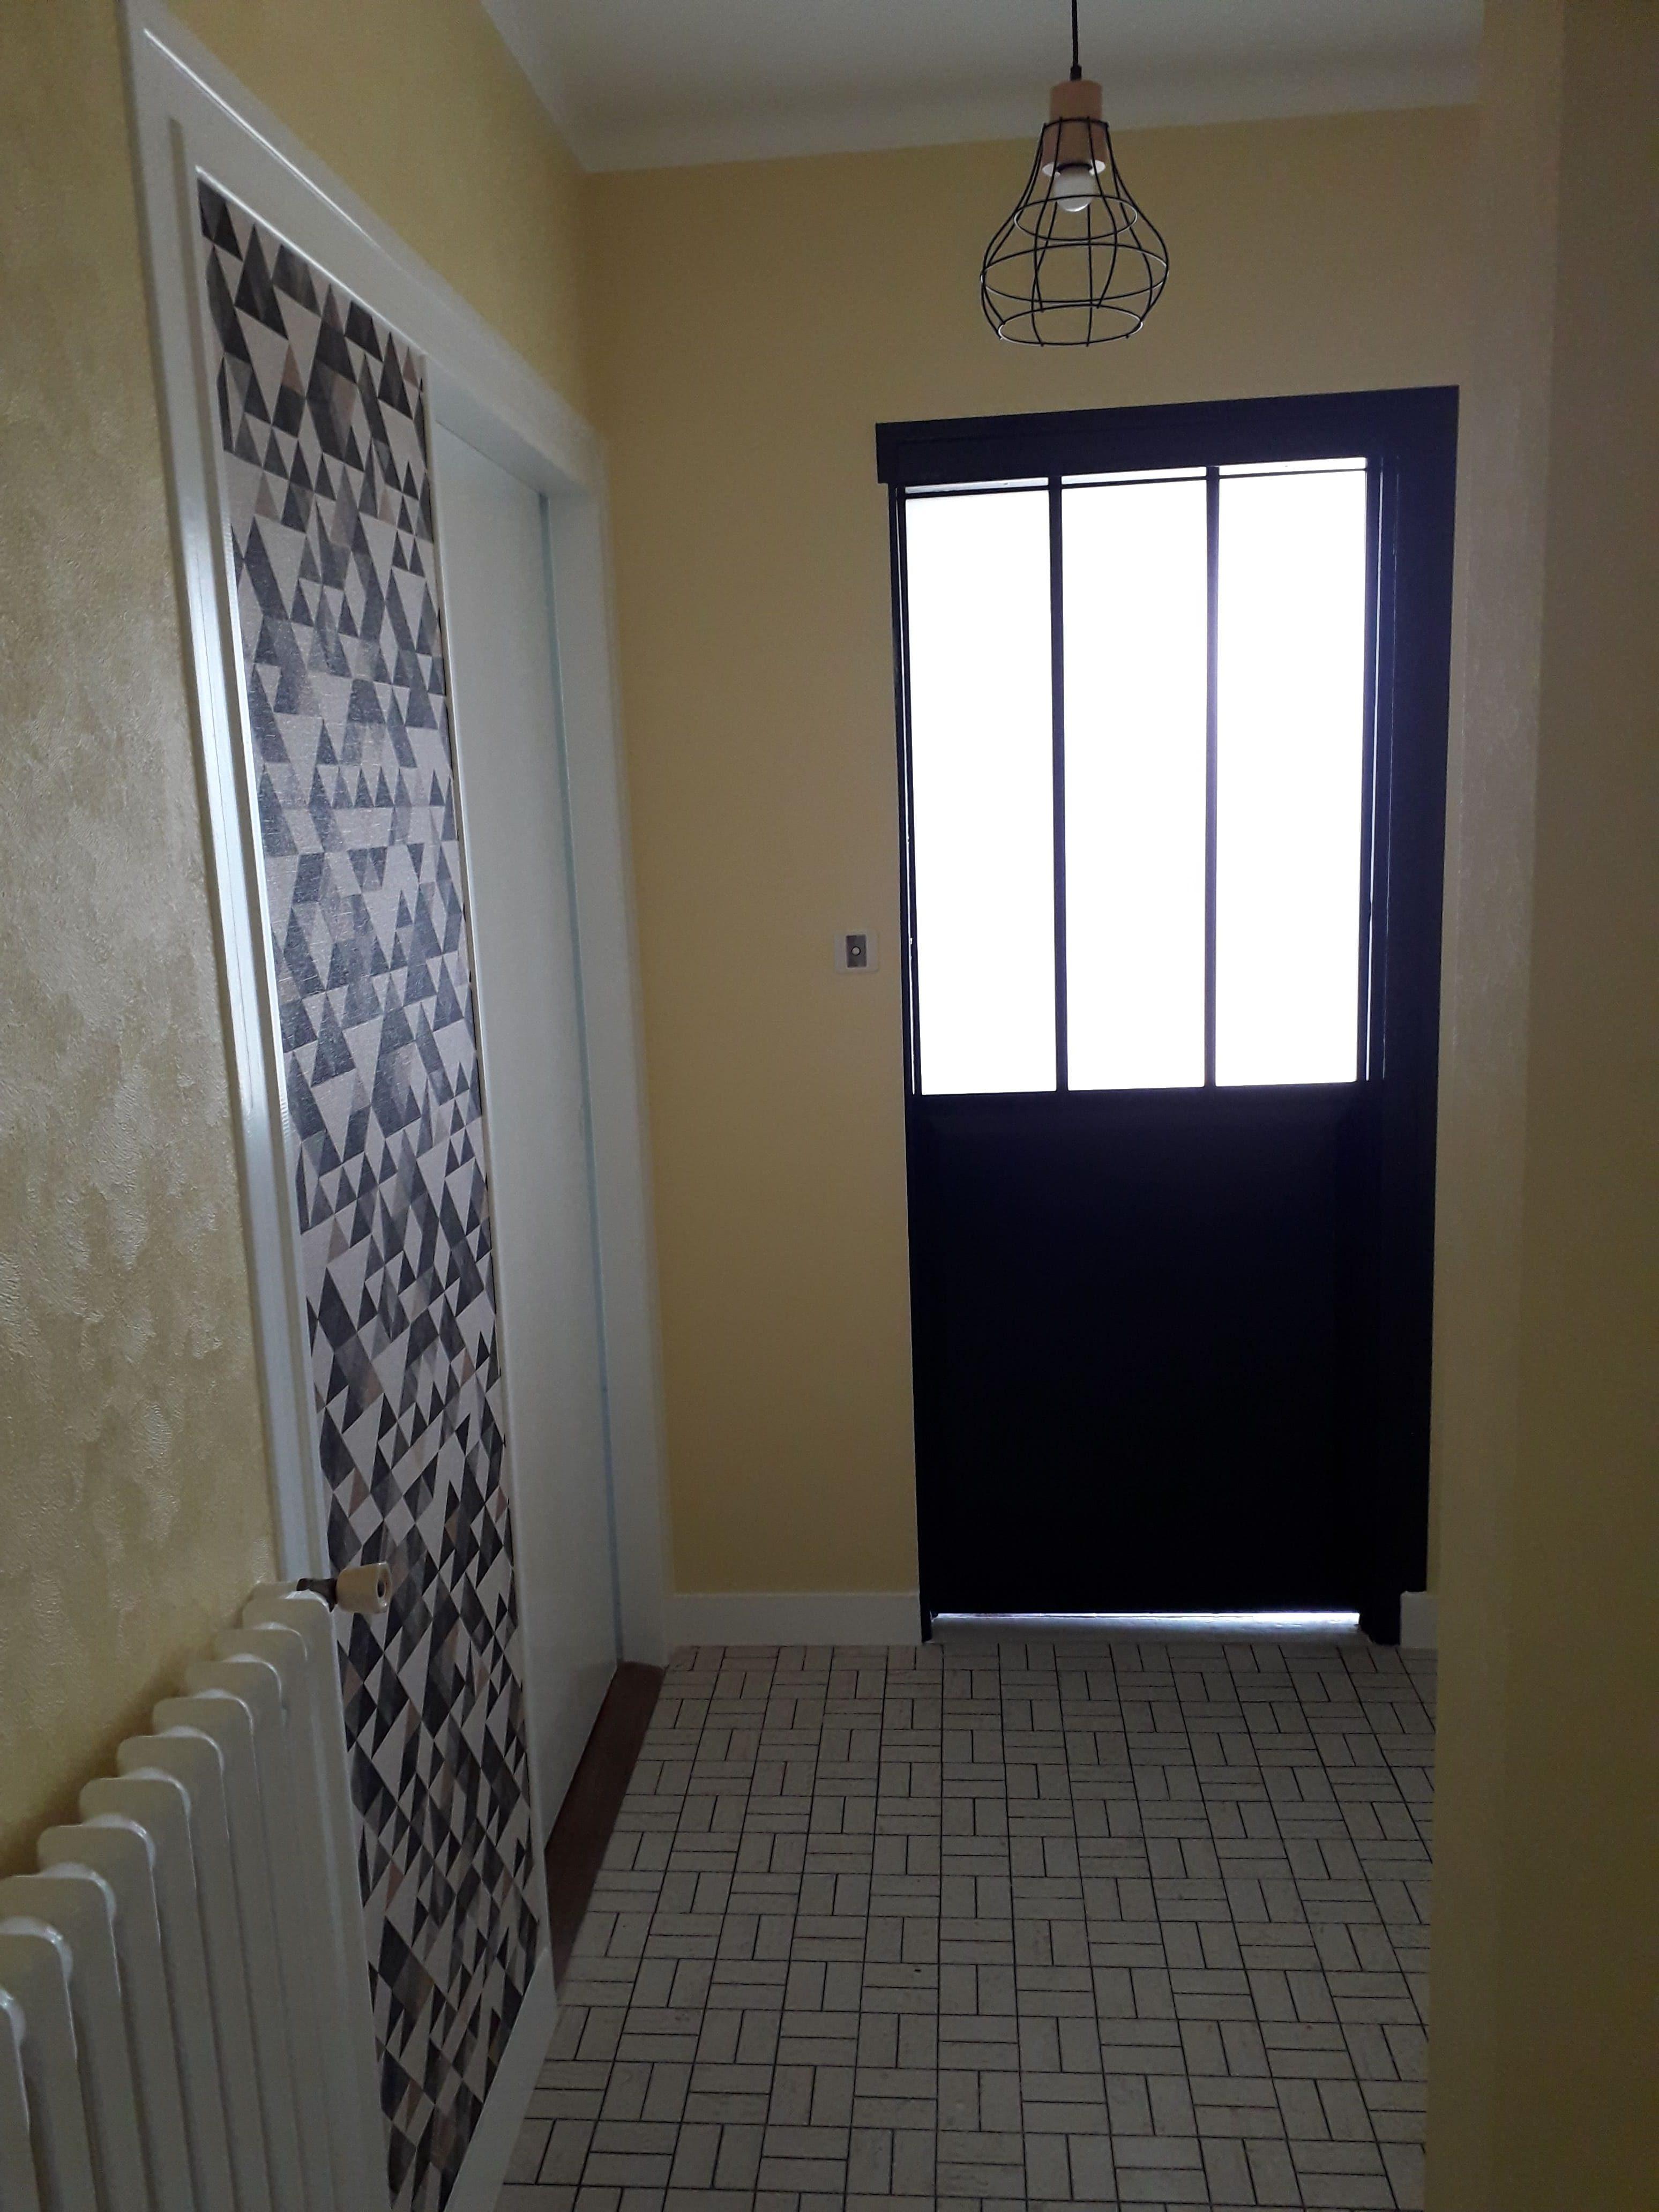 rénovation cage d'escalier noir et couleur ,Le Foeil 22 deco peinture